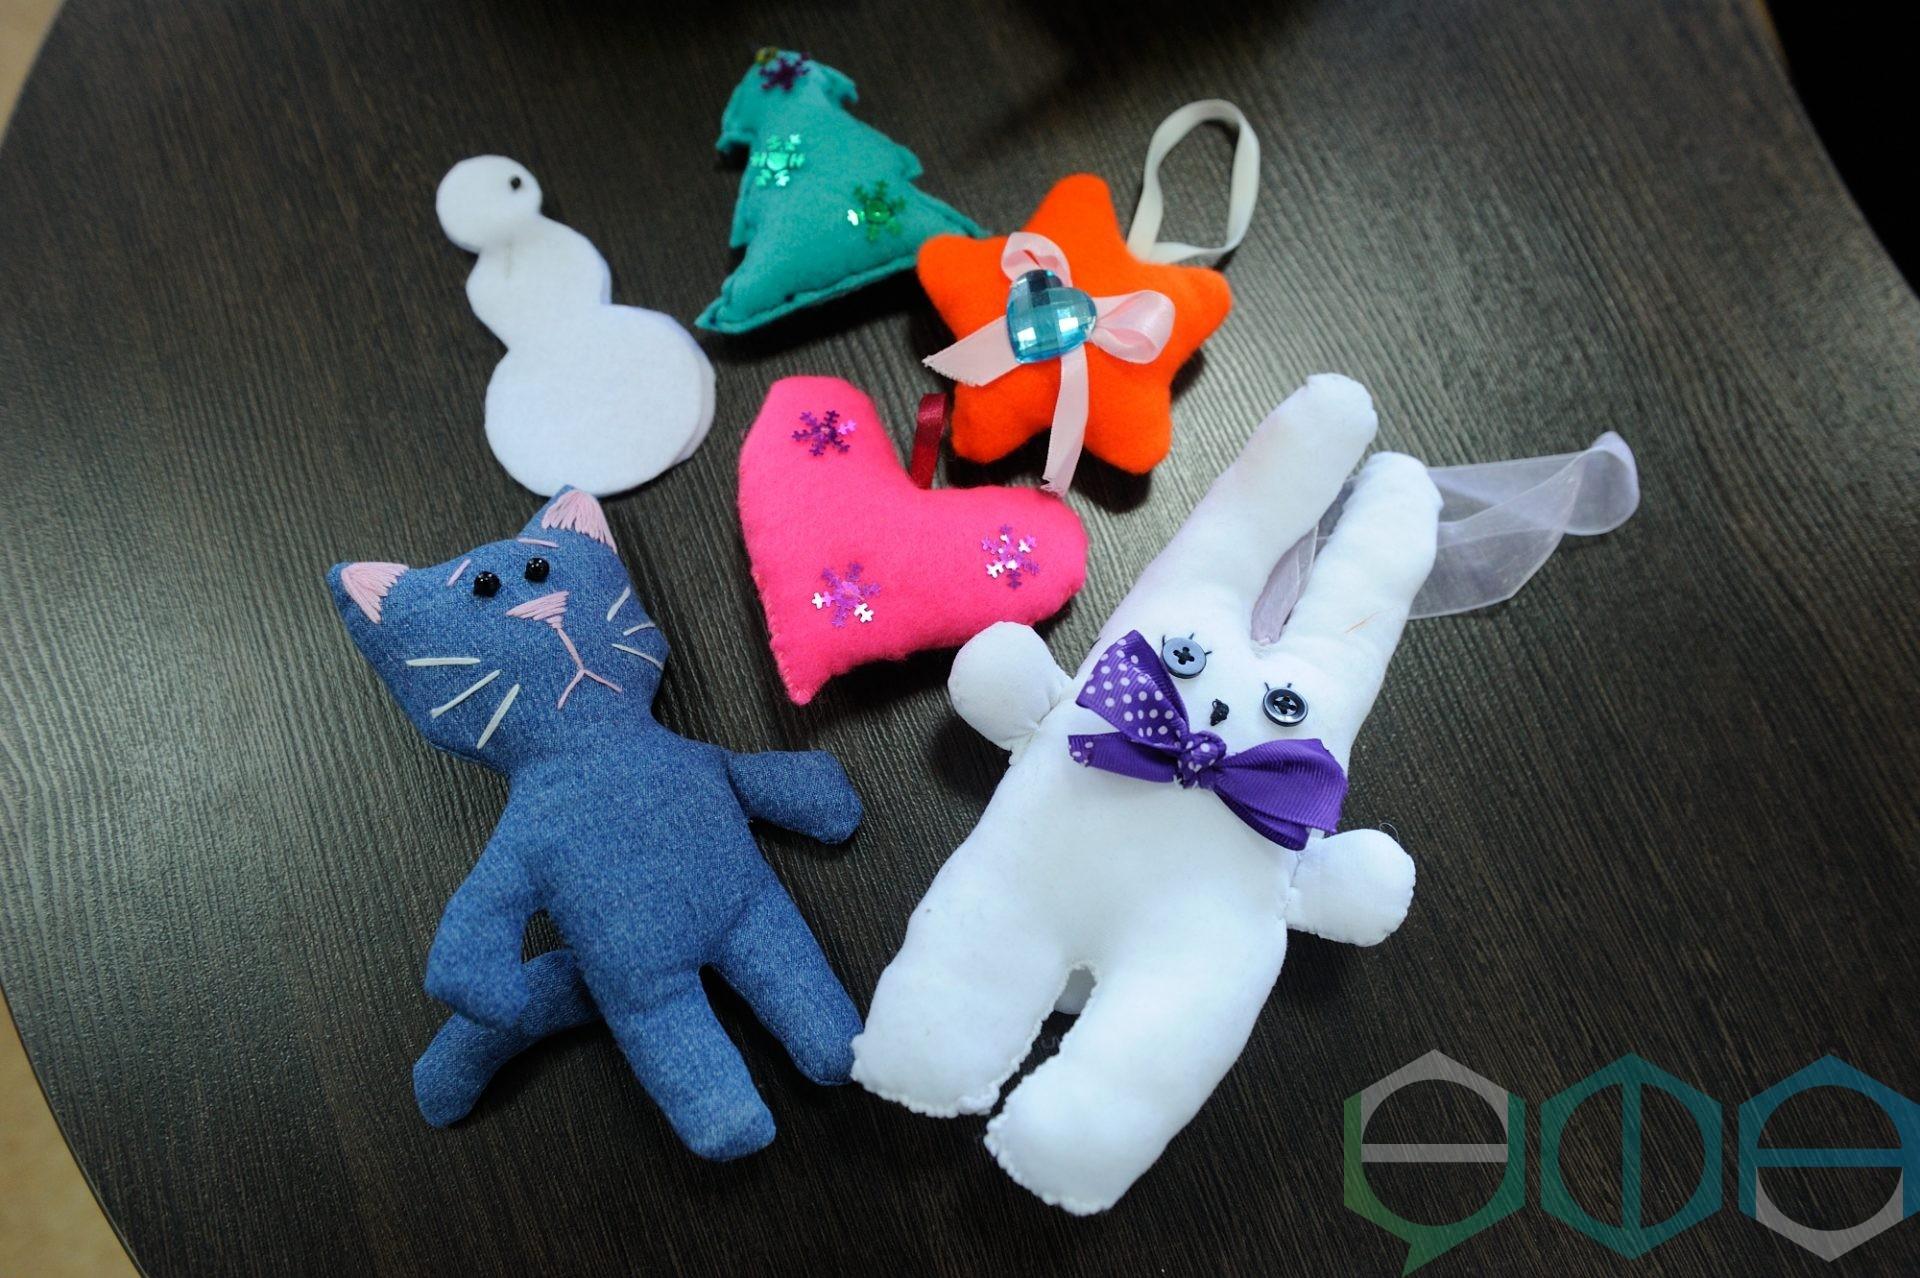 Волонтеры из отряда «Доброе сердце» БГАУ шьют игрушки для ребят с ограниченными возможностями здоровья